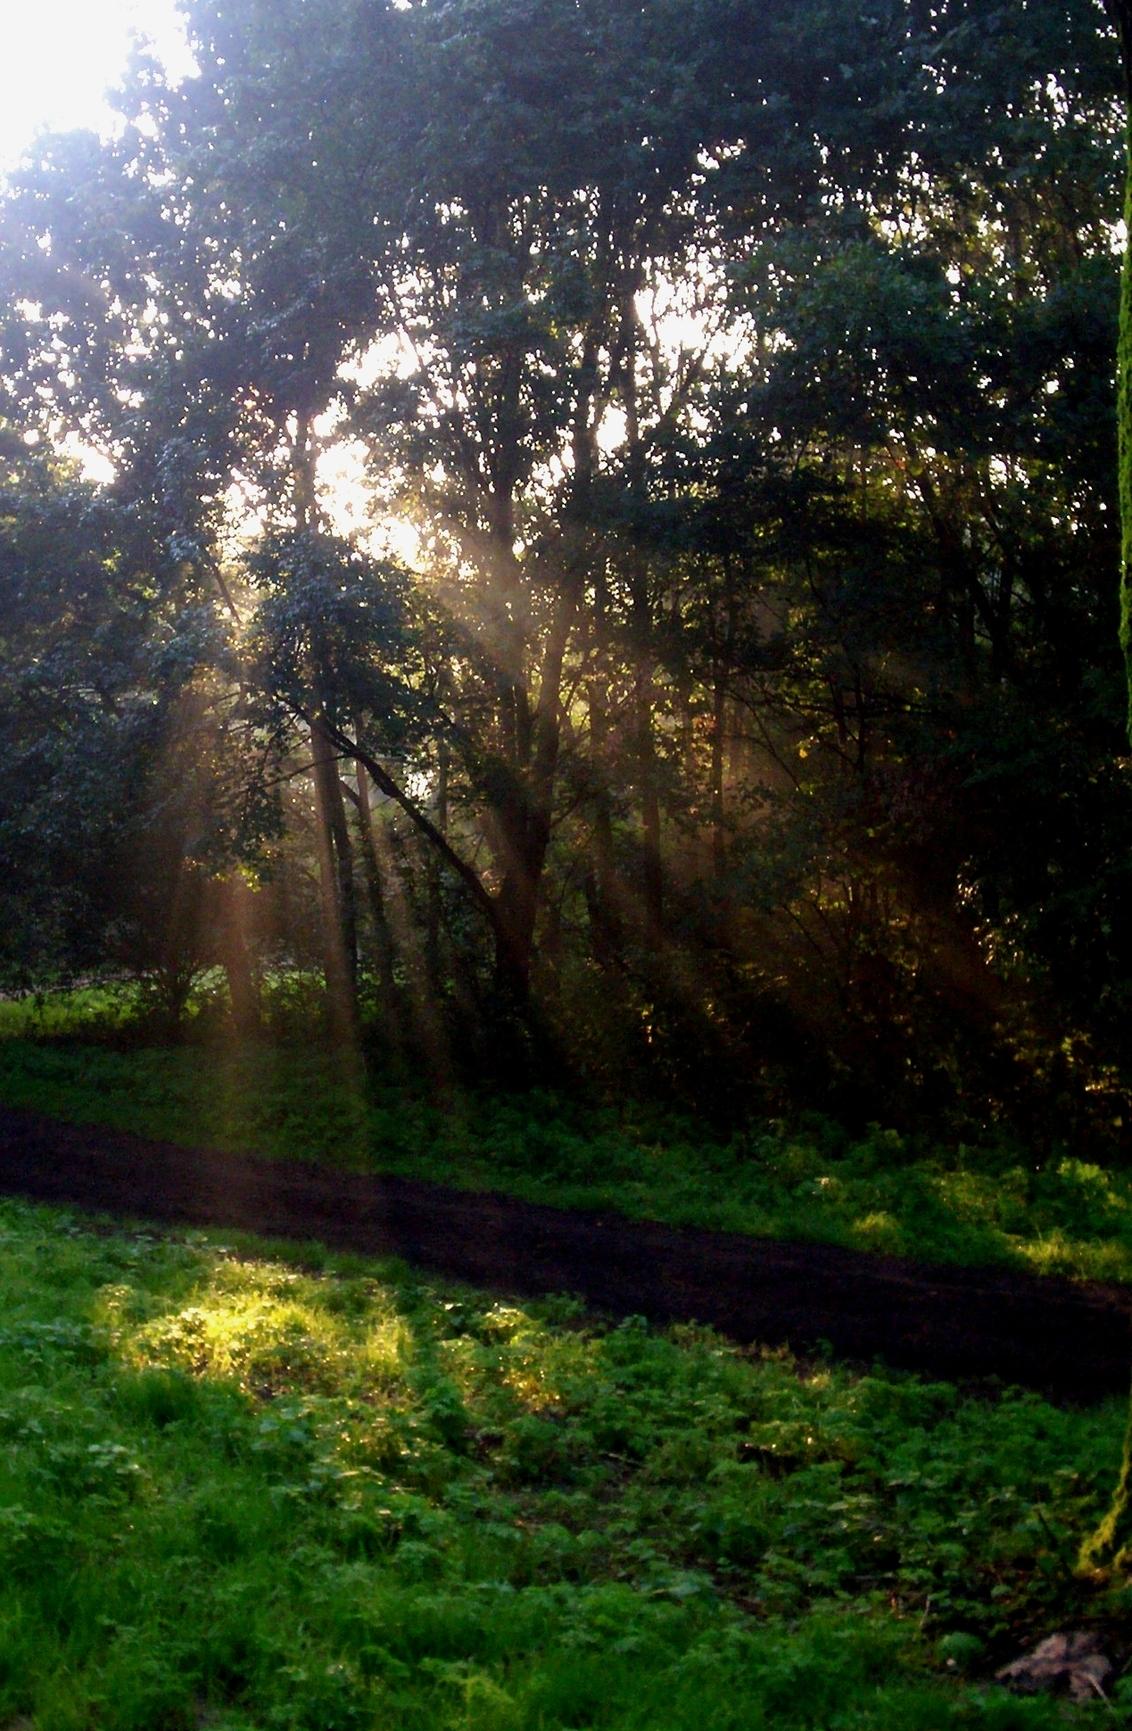 Golden rays - Wanneer het licht zo door de bomen komt in de ochtend... dan pas is het een mooie ochtend! - foto door CoonArt op 20-12-2018 - deze foto bevat: zon, lente, licht, landschap, zomer, voorjaar